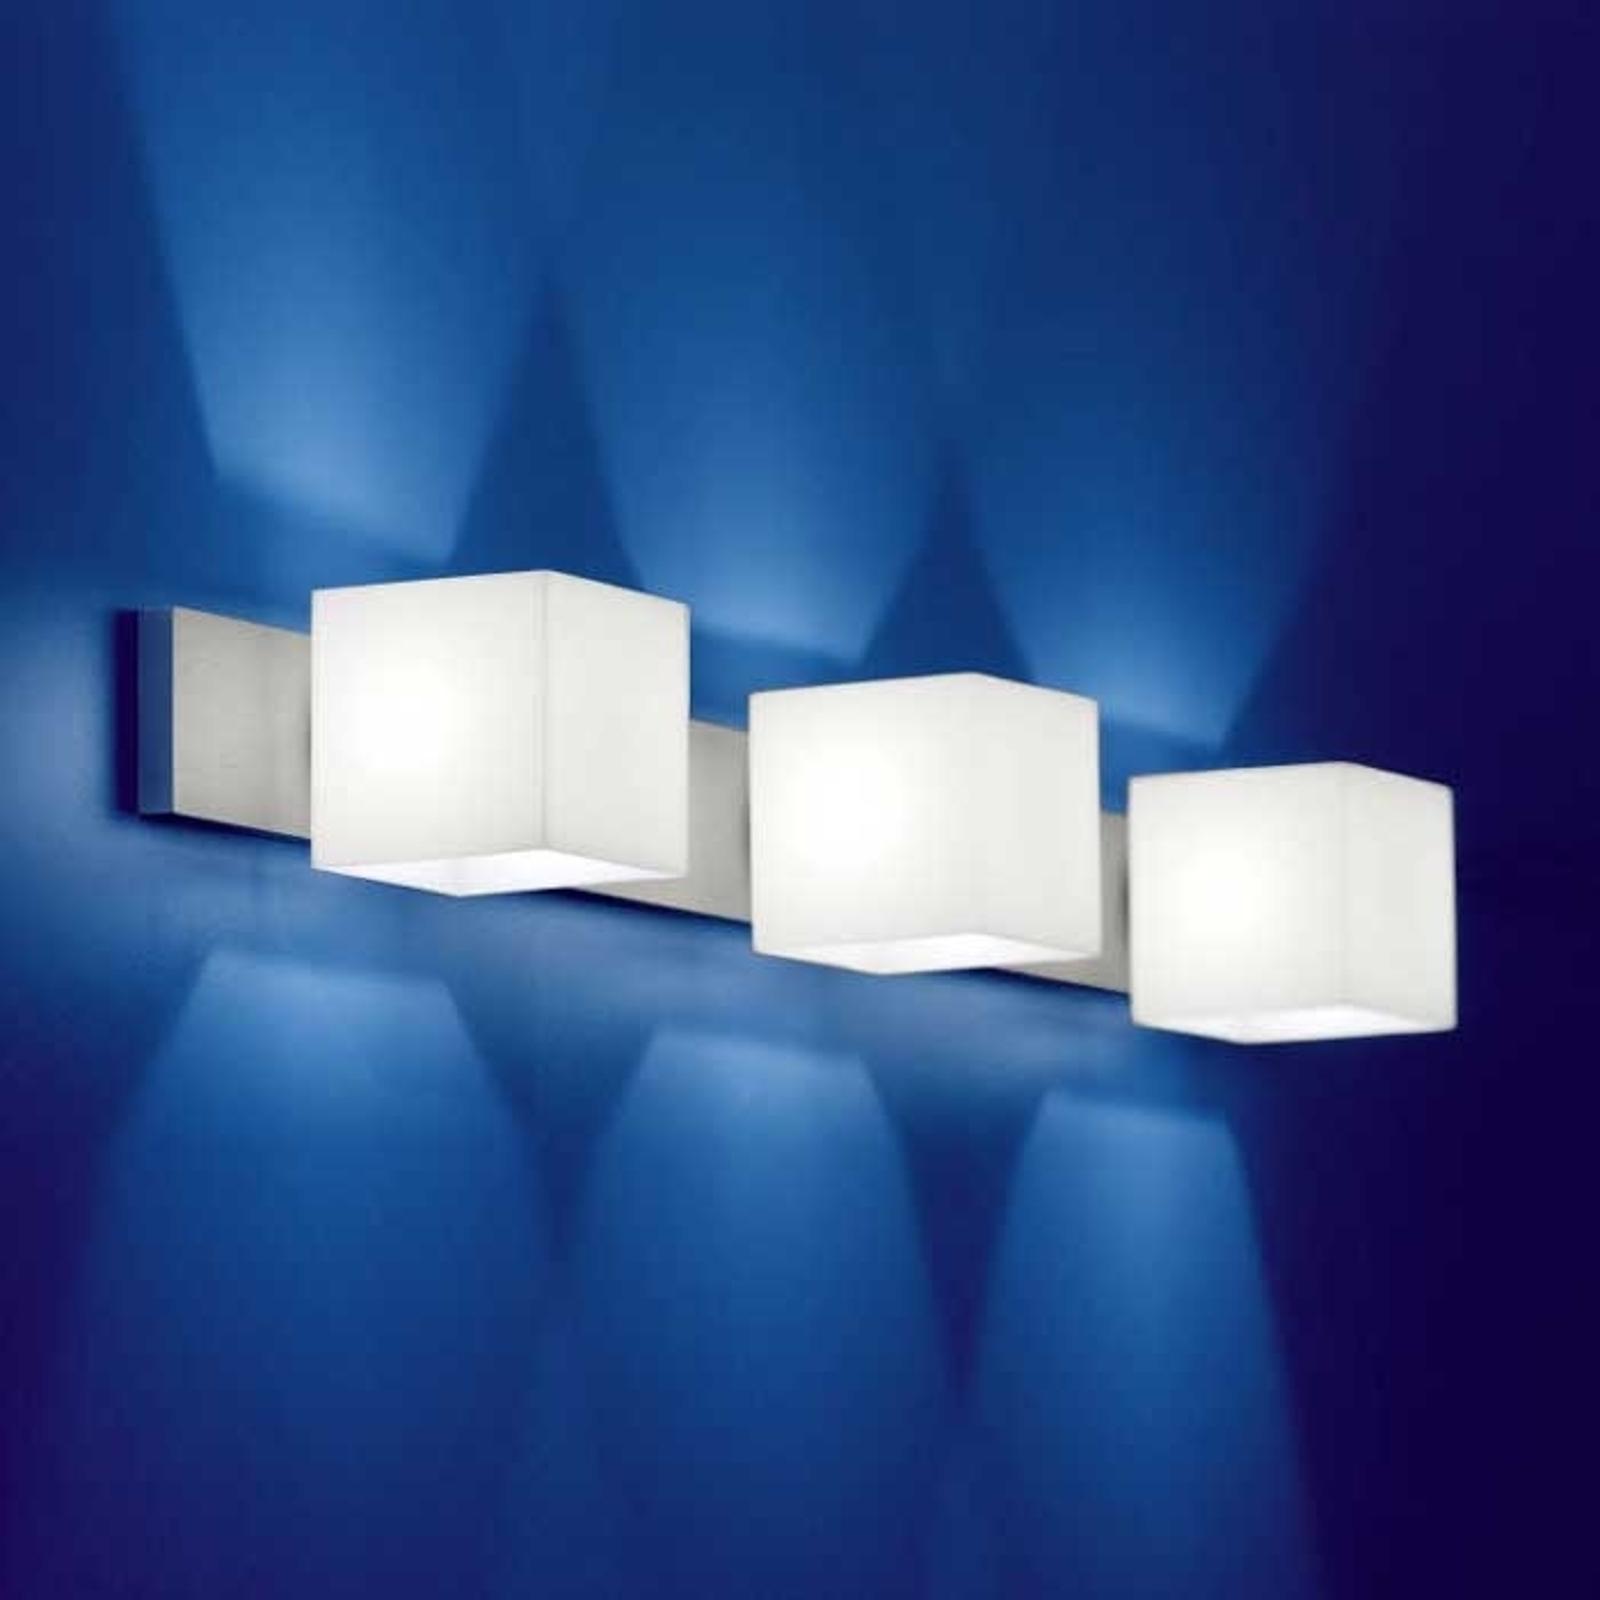 Lámpara de pared CUBE 3 brazos antideslumbrante